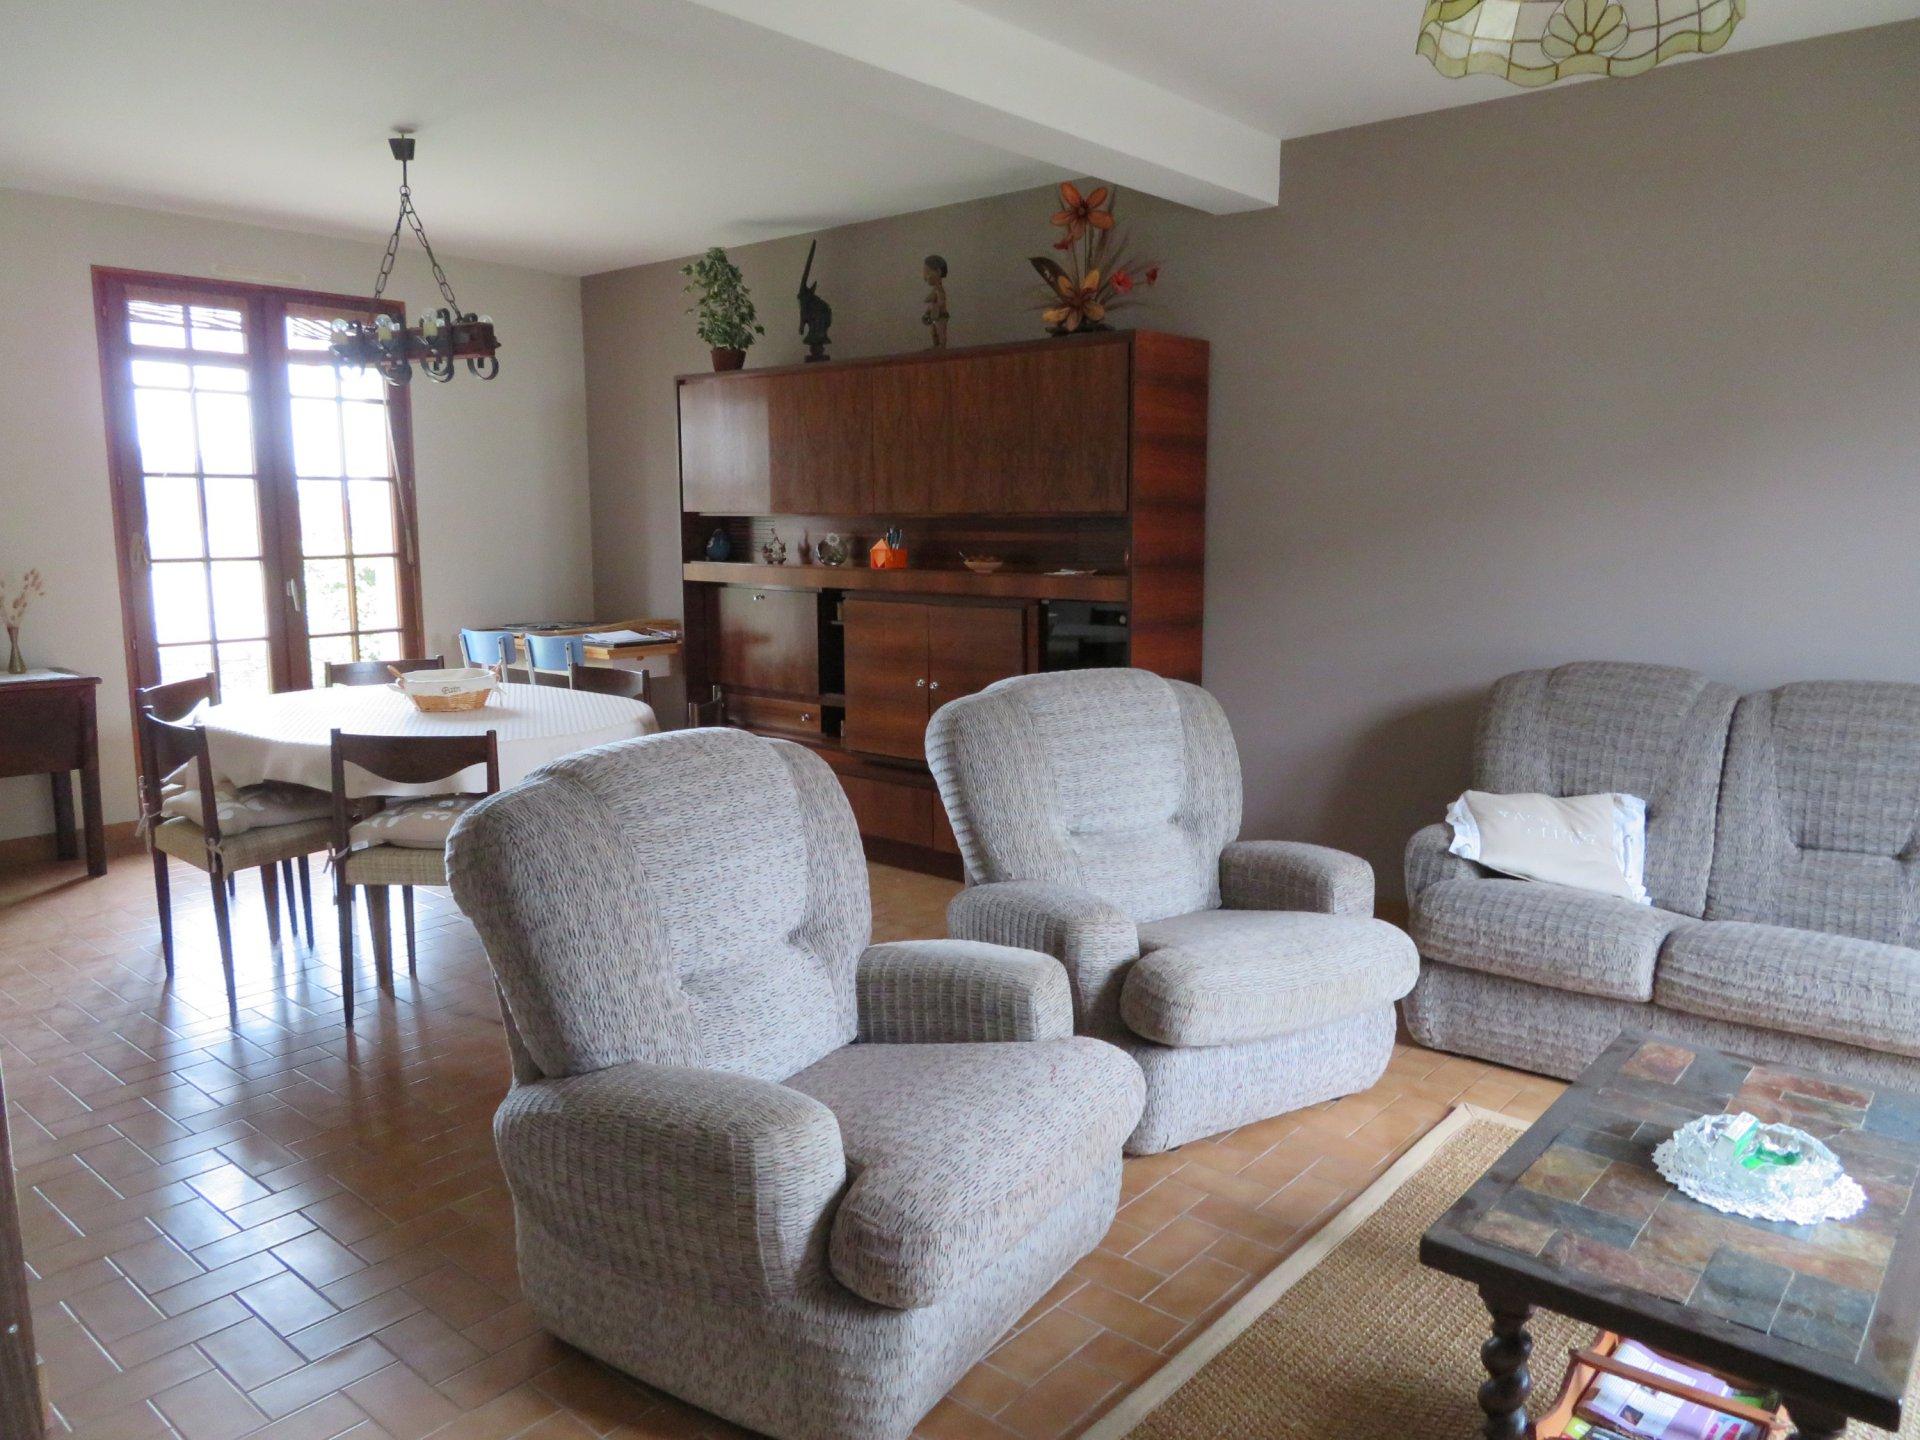 Maison à louer à Damgan Jardin terrasse maison confortable pour 6 pers.